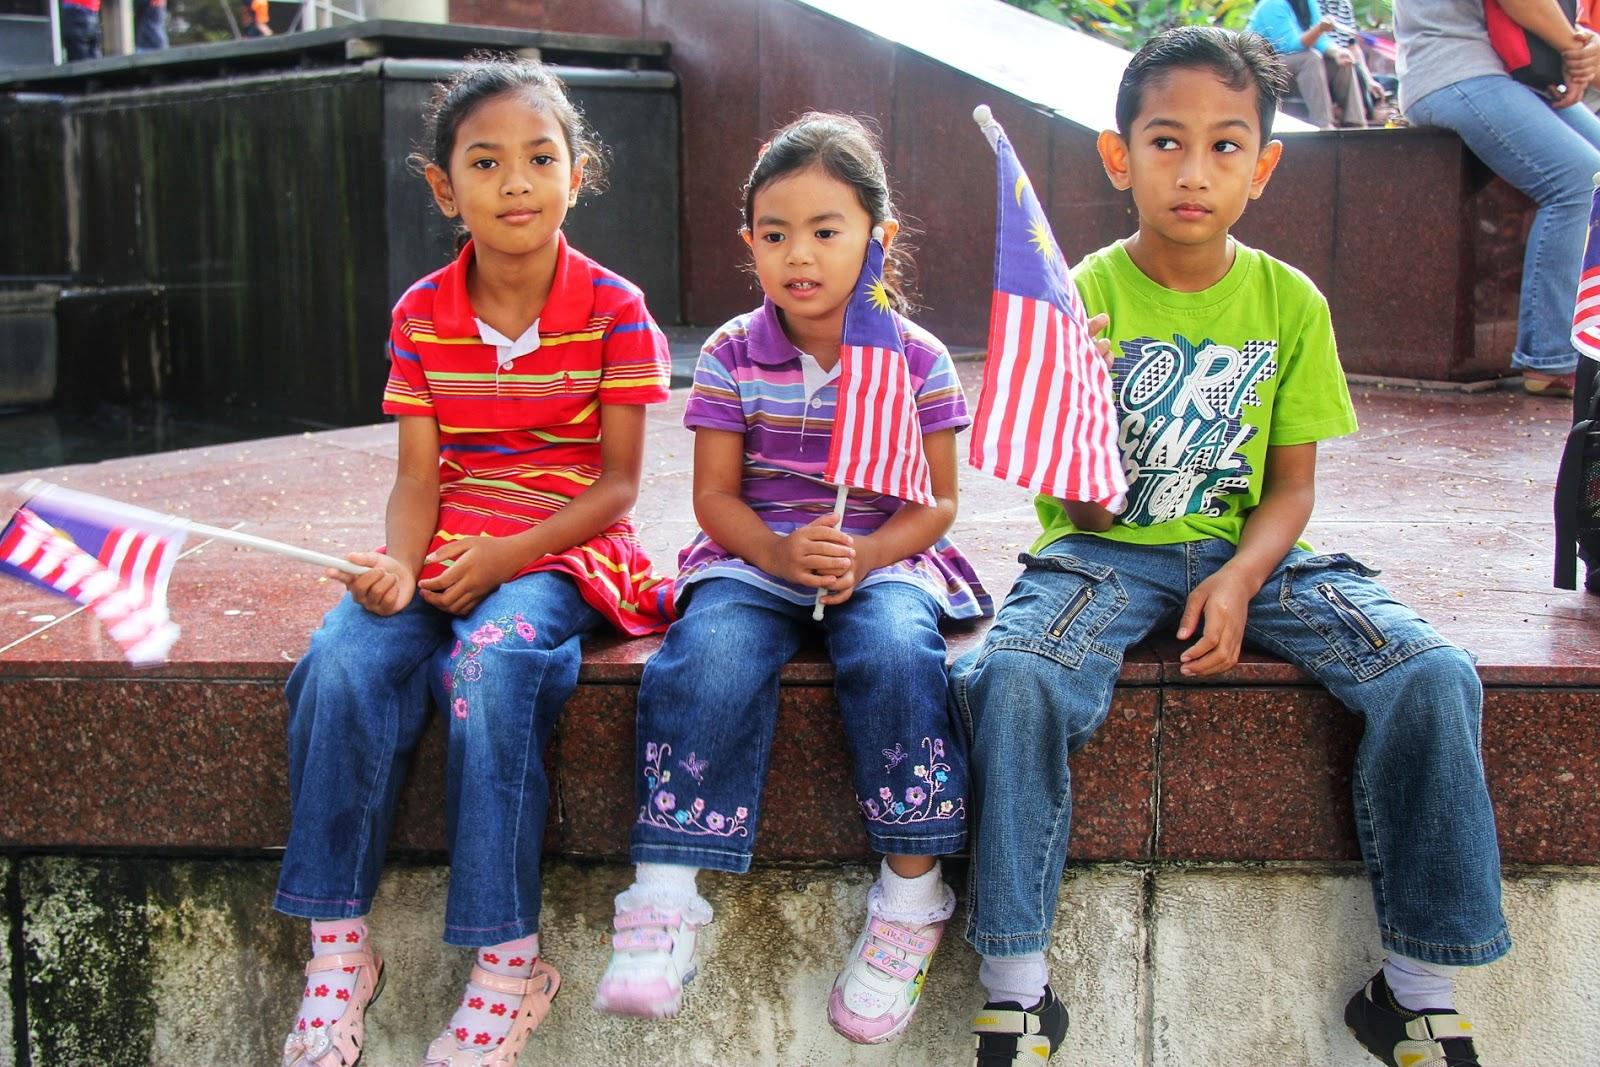 Sambutan Hari Kemerdekaan Bersama Keluarga di Dataran Merdeka